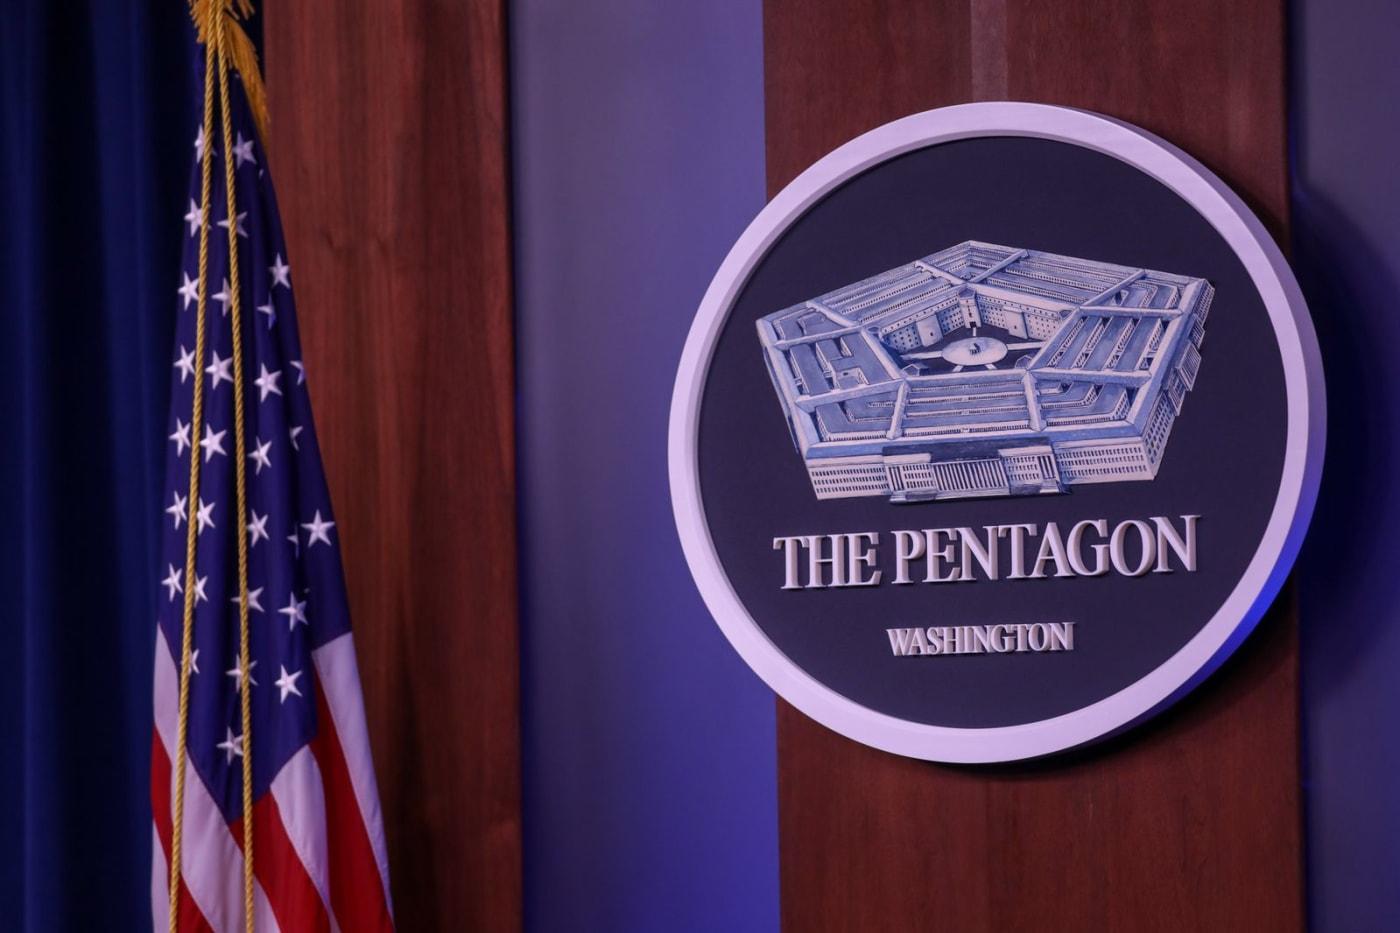 Pentagon podium